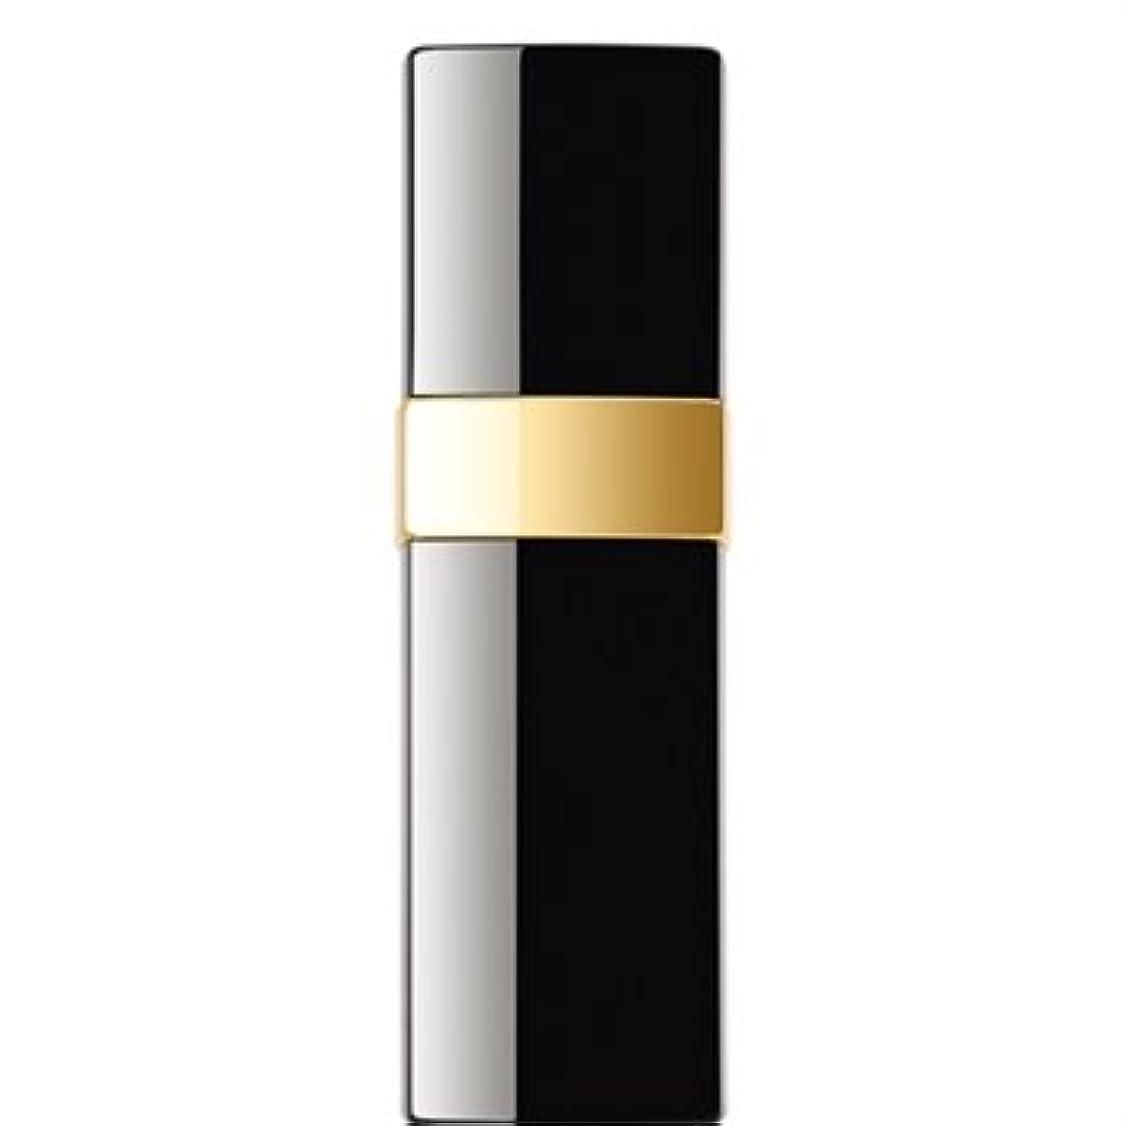 ホステス出力エンドテーブルCHANEL(シャネル) No.5 香水 7.5ml バーススプレイ